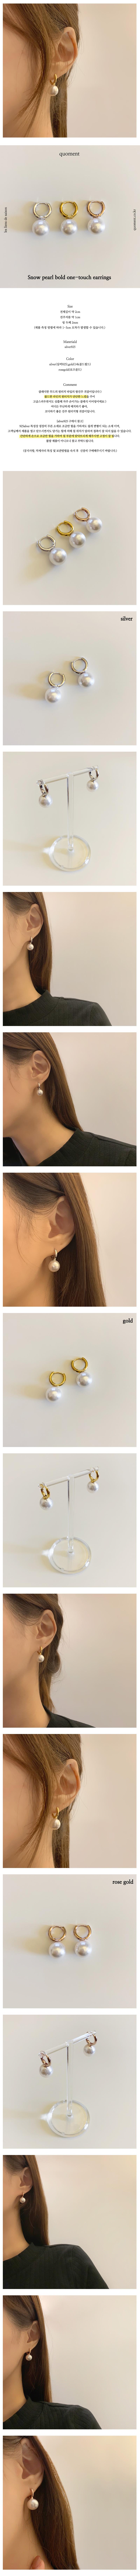 스노우진주 볼드링 원터치 귀걸이 silver925 - 쿼먼트, 23,000원, 실버, 드롭귀걸이